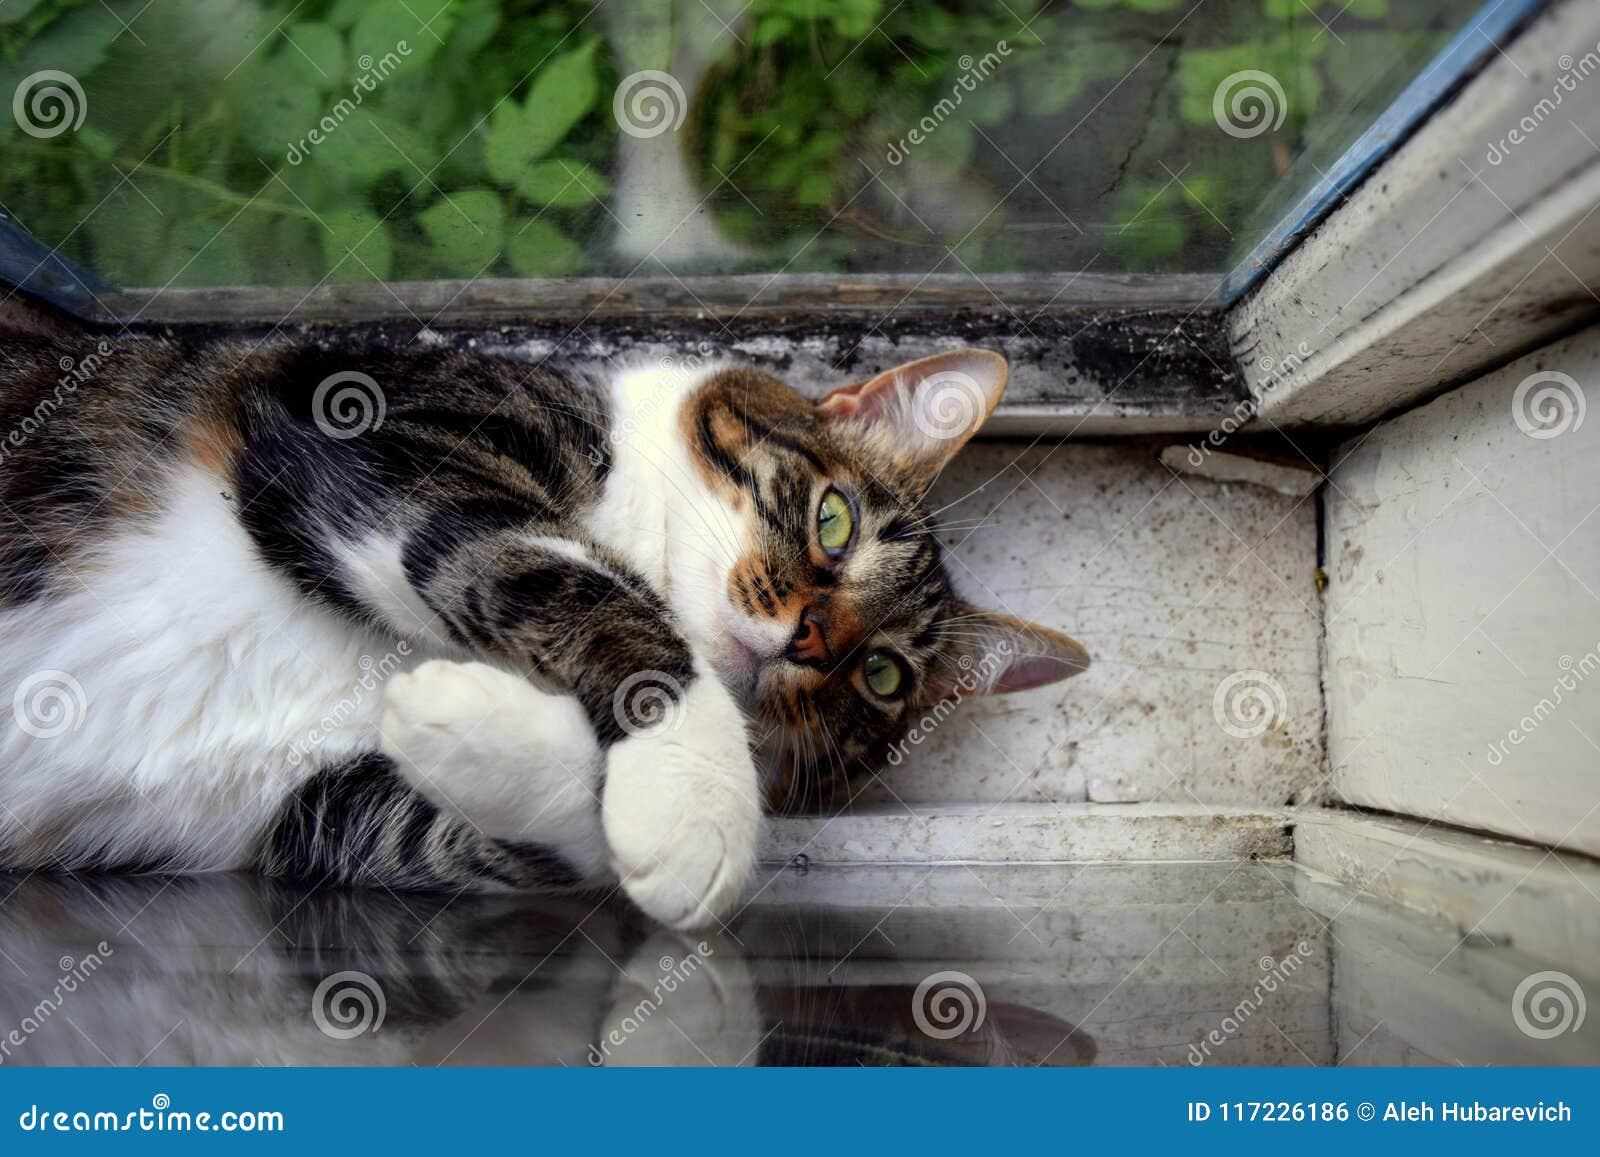 De kat rust